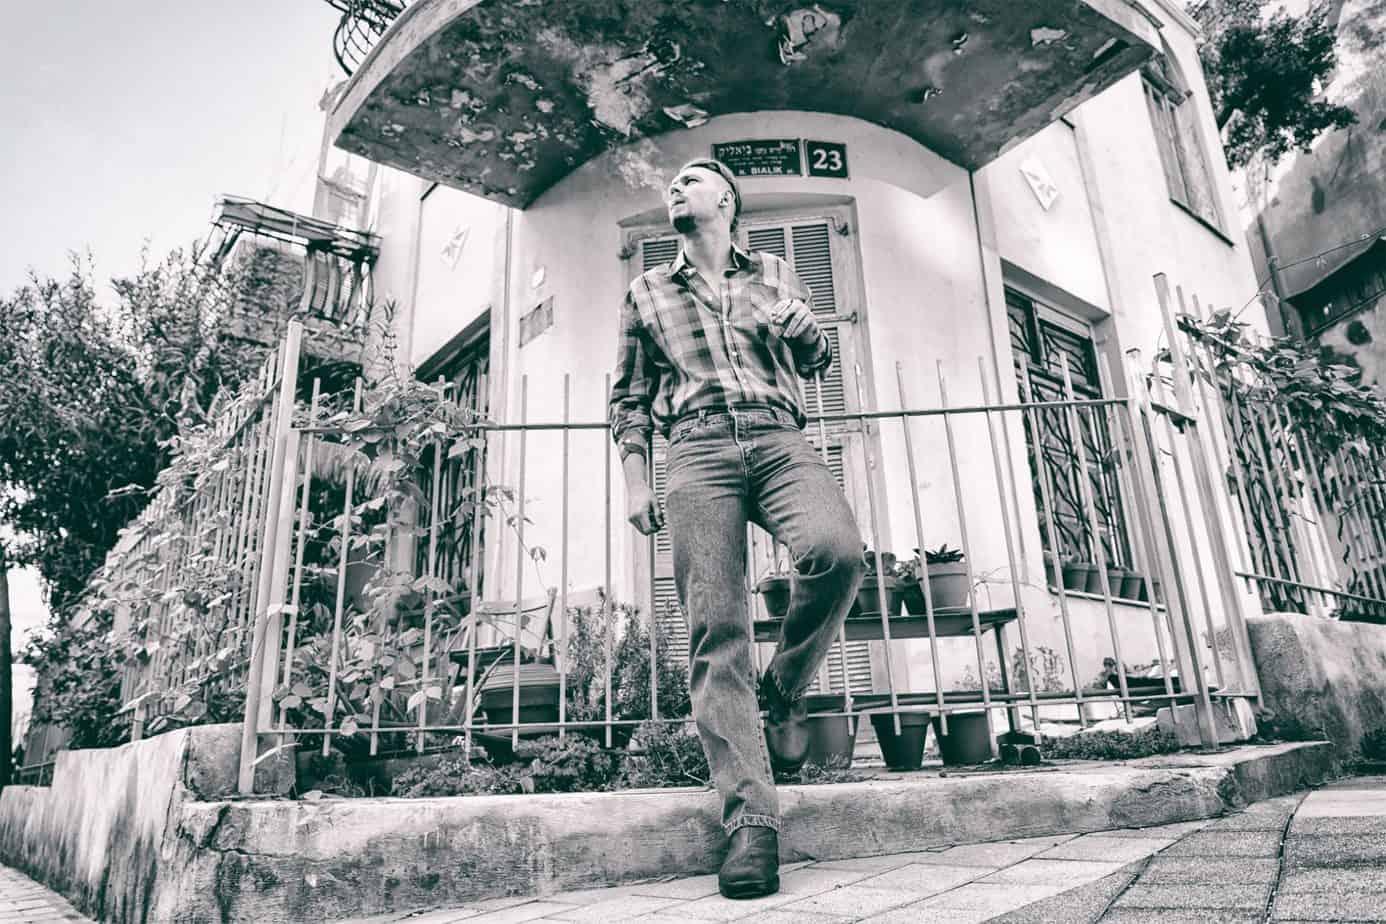 חולצת כפתורים וינטג' ג'ינס 501 גברים דוגמן יורי שמעילוב צלם שלומי טל, Shopping ,Fashion ,Trends, Fashion Magazine, אופנה, מגזין אופנה ישראלי, מגזין אופנה, חדשות אופנה, חדשות יופי, כתבות אופנה, אופנה ישראלית, עיצוב אופנה, צילום אופנה, הפקות אופנה, איפור, טרנדים, שיער, ביוטי